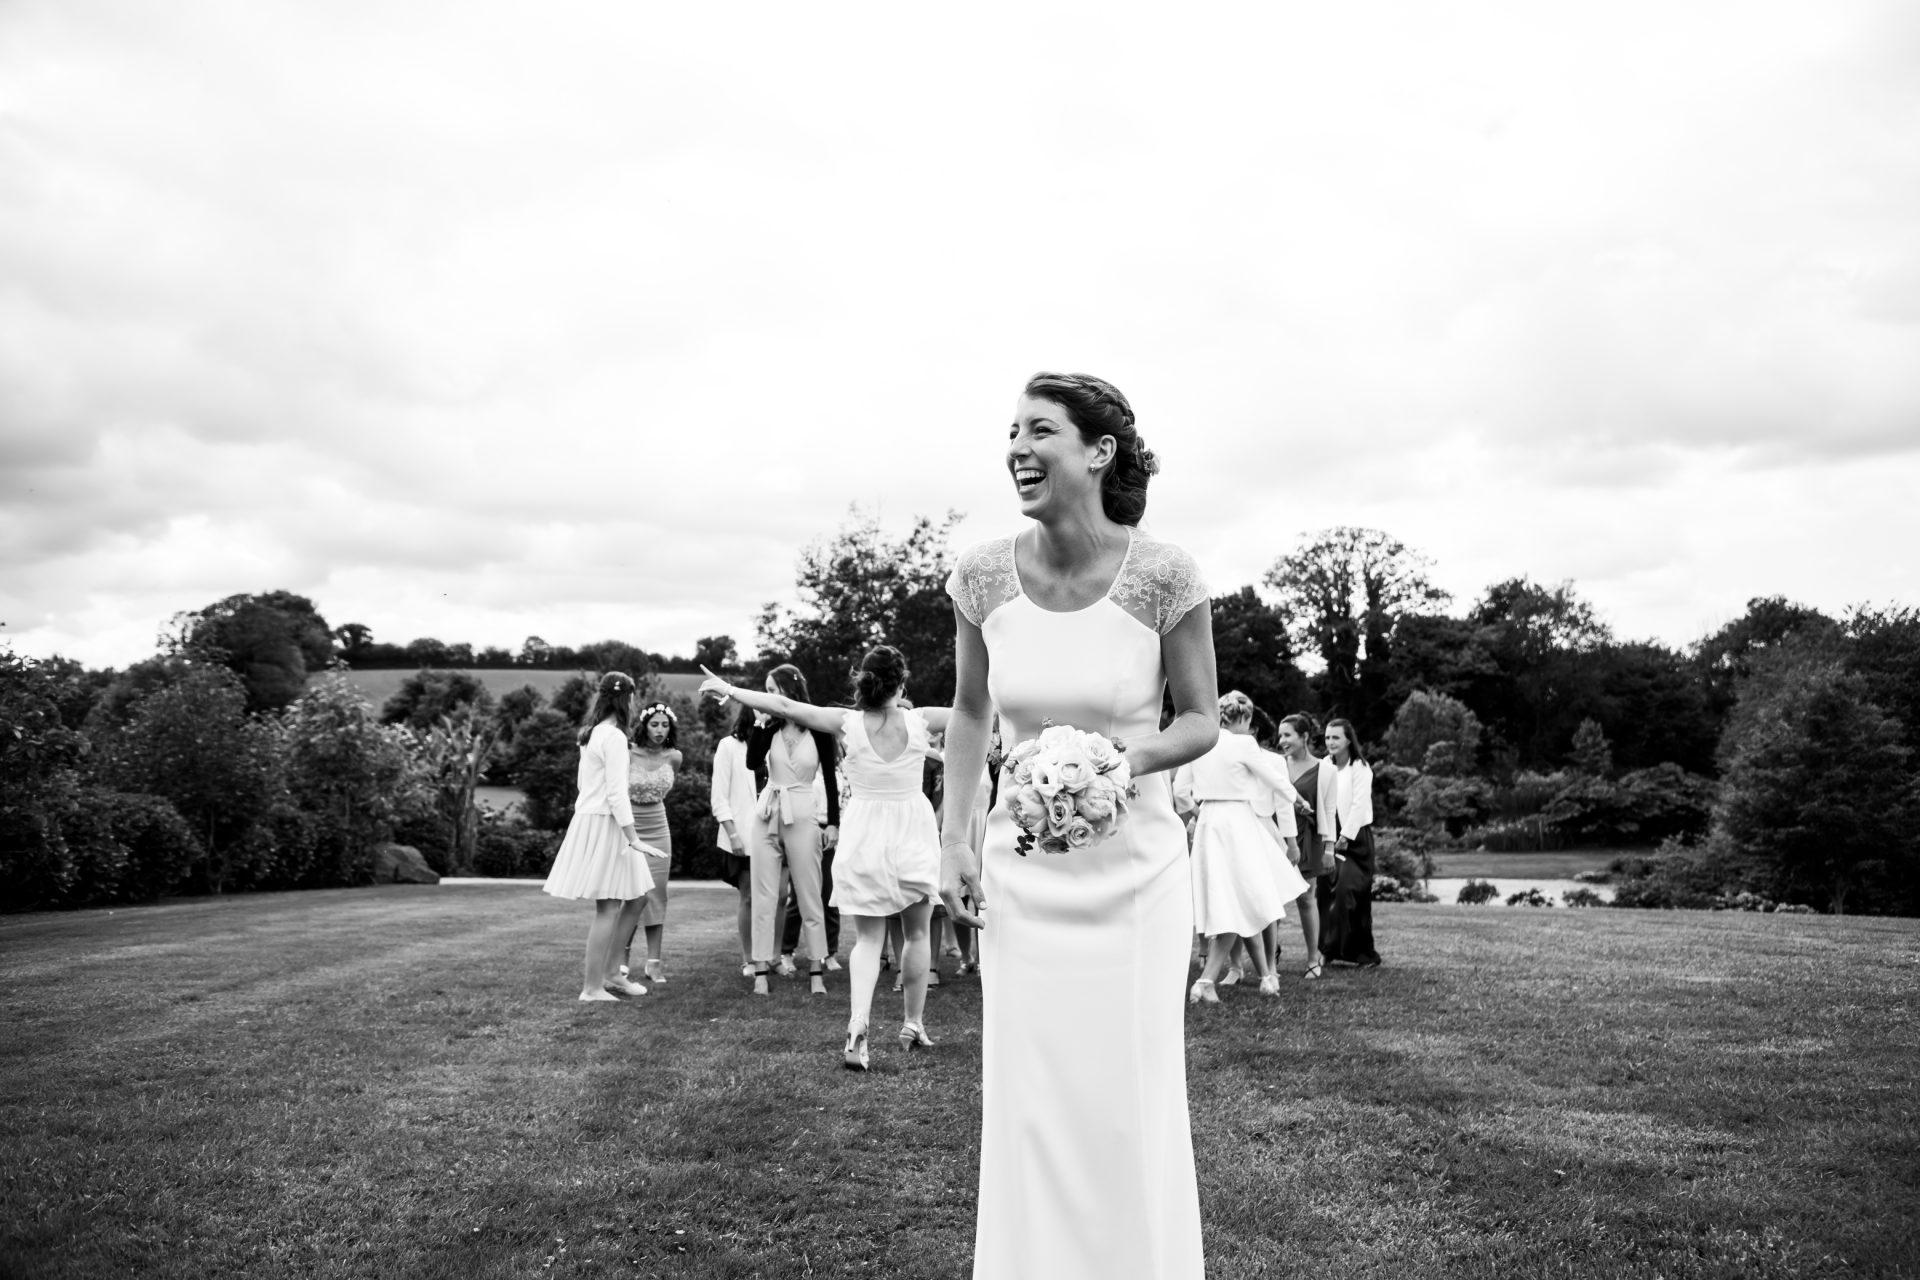 mariée qui lance son bouquet, photographe de mariage.